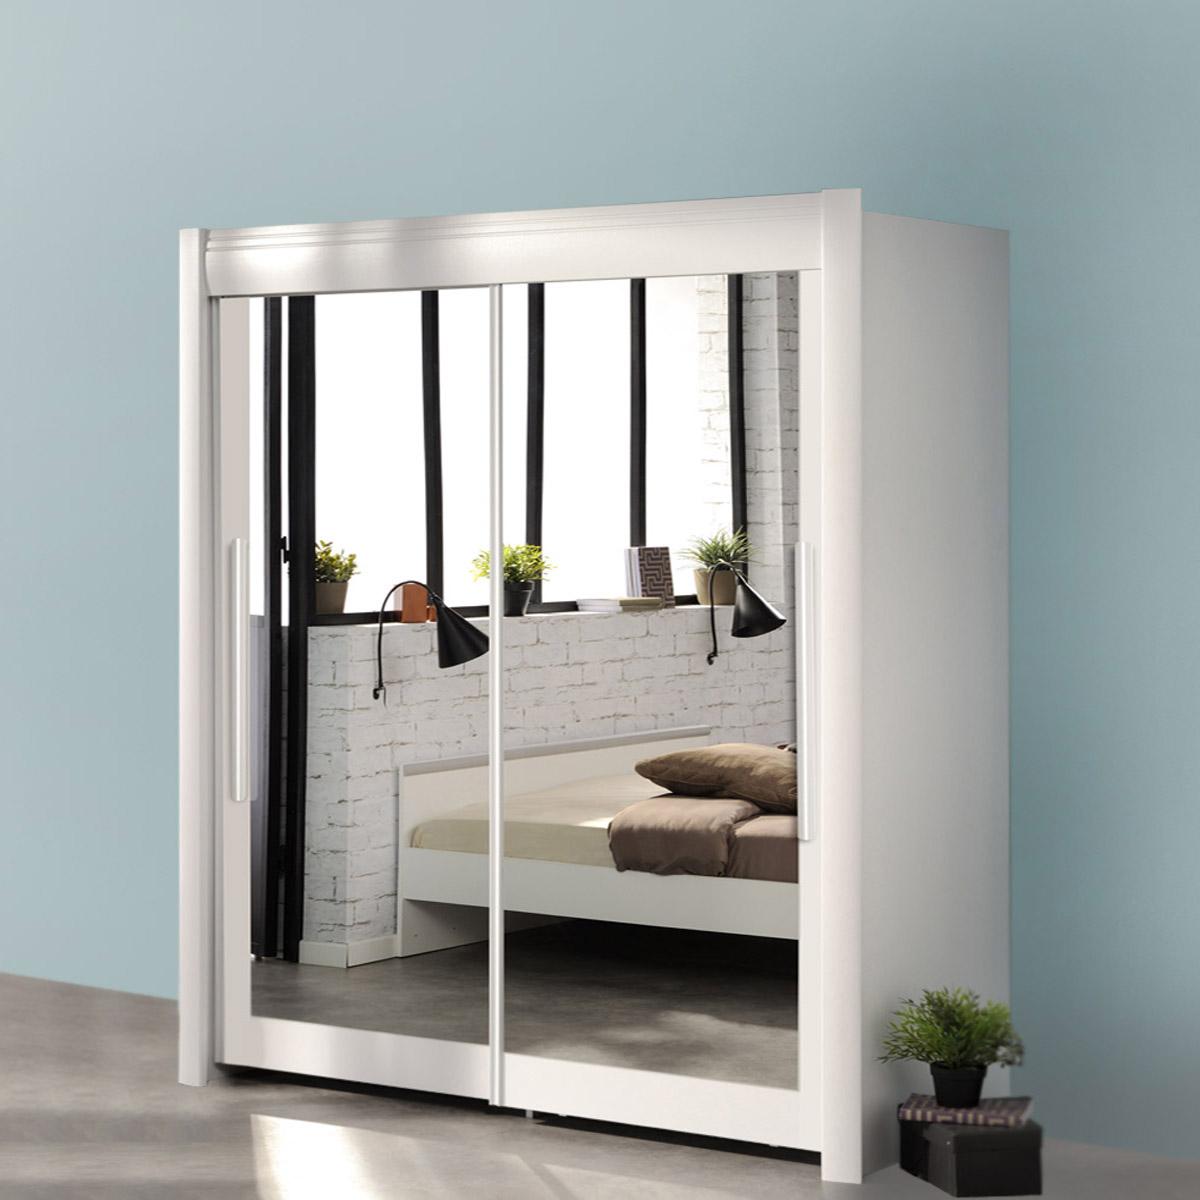 schwebet renschrank celebrity kleiderschrank schrank in wei braun oder eiche ebay. Black Bedroom Furniture Sets. Home Design Ideas